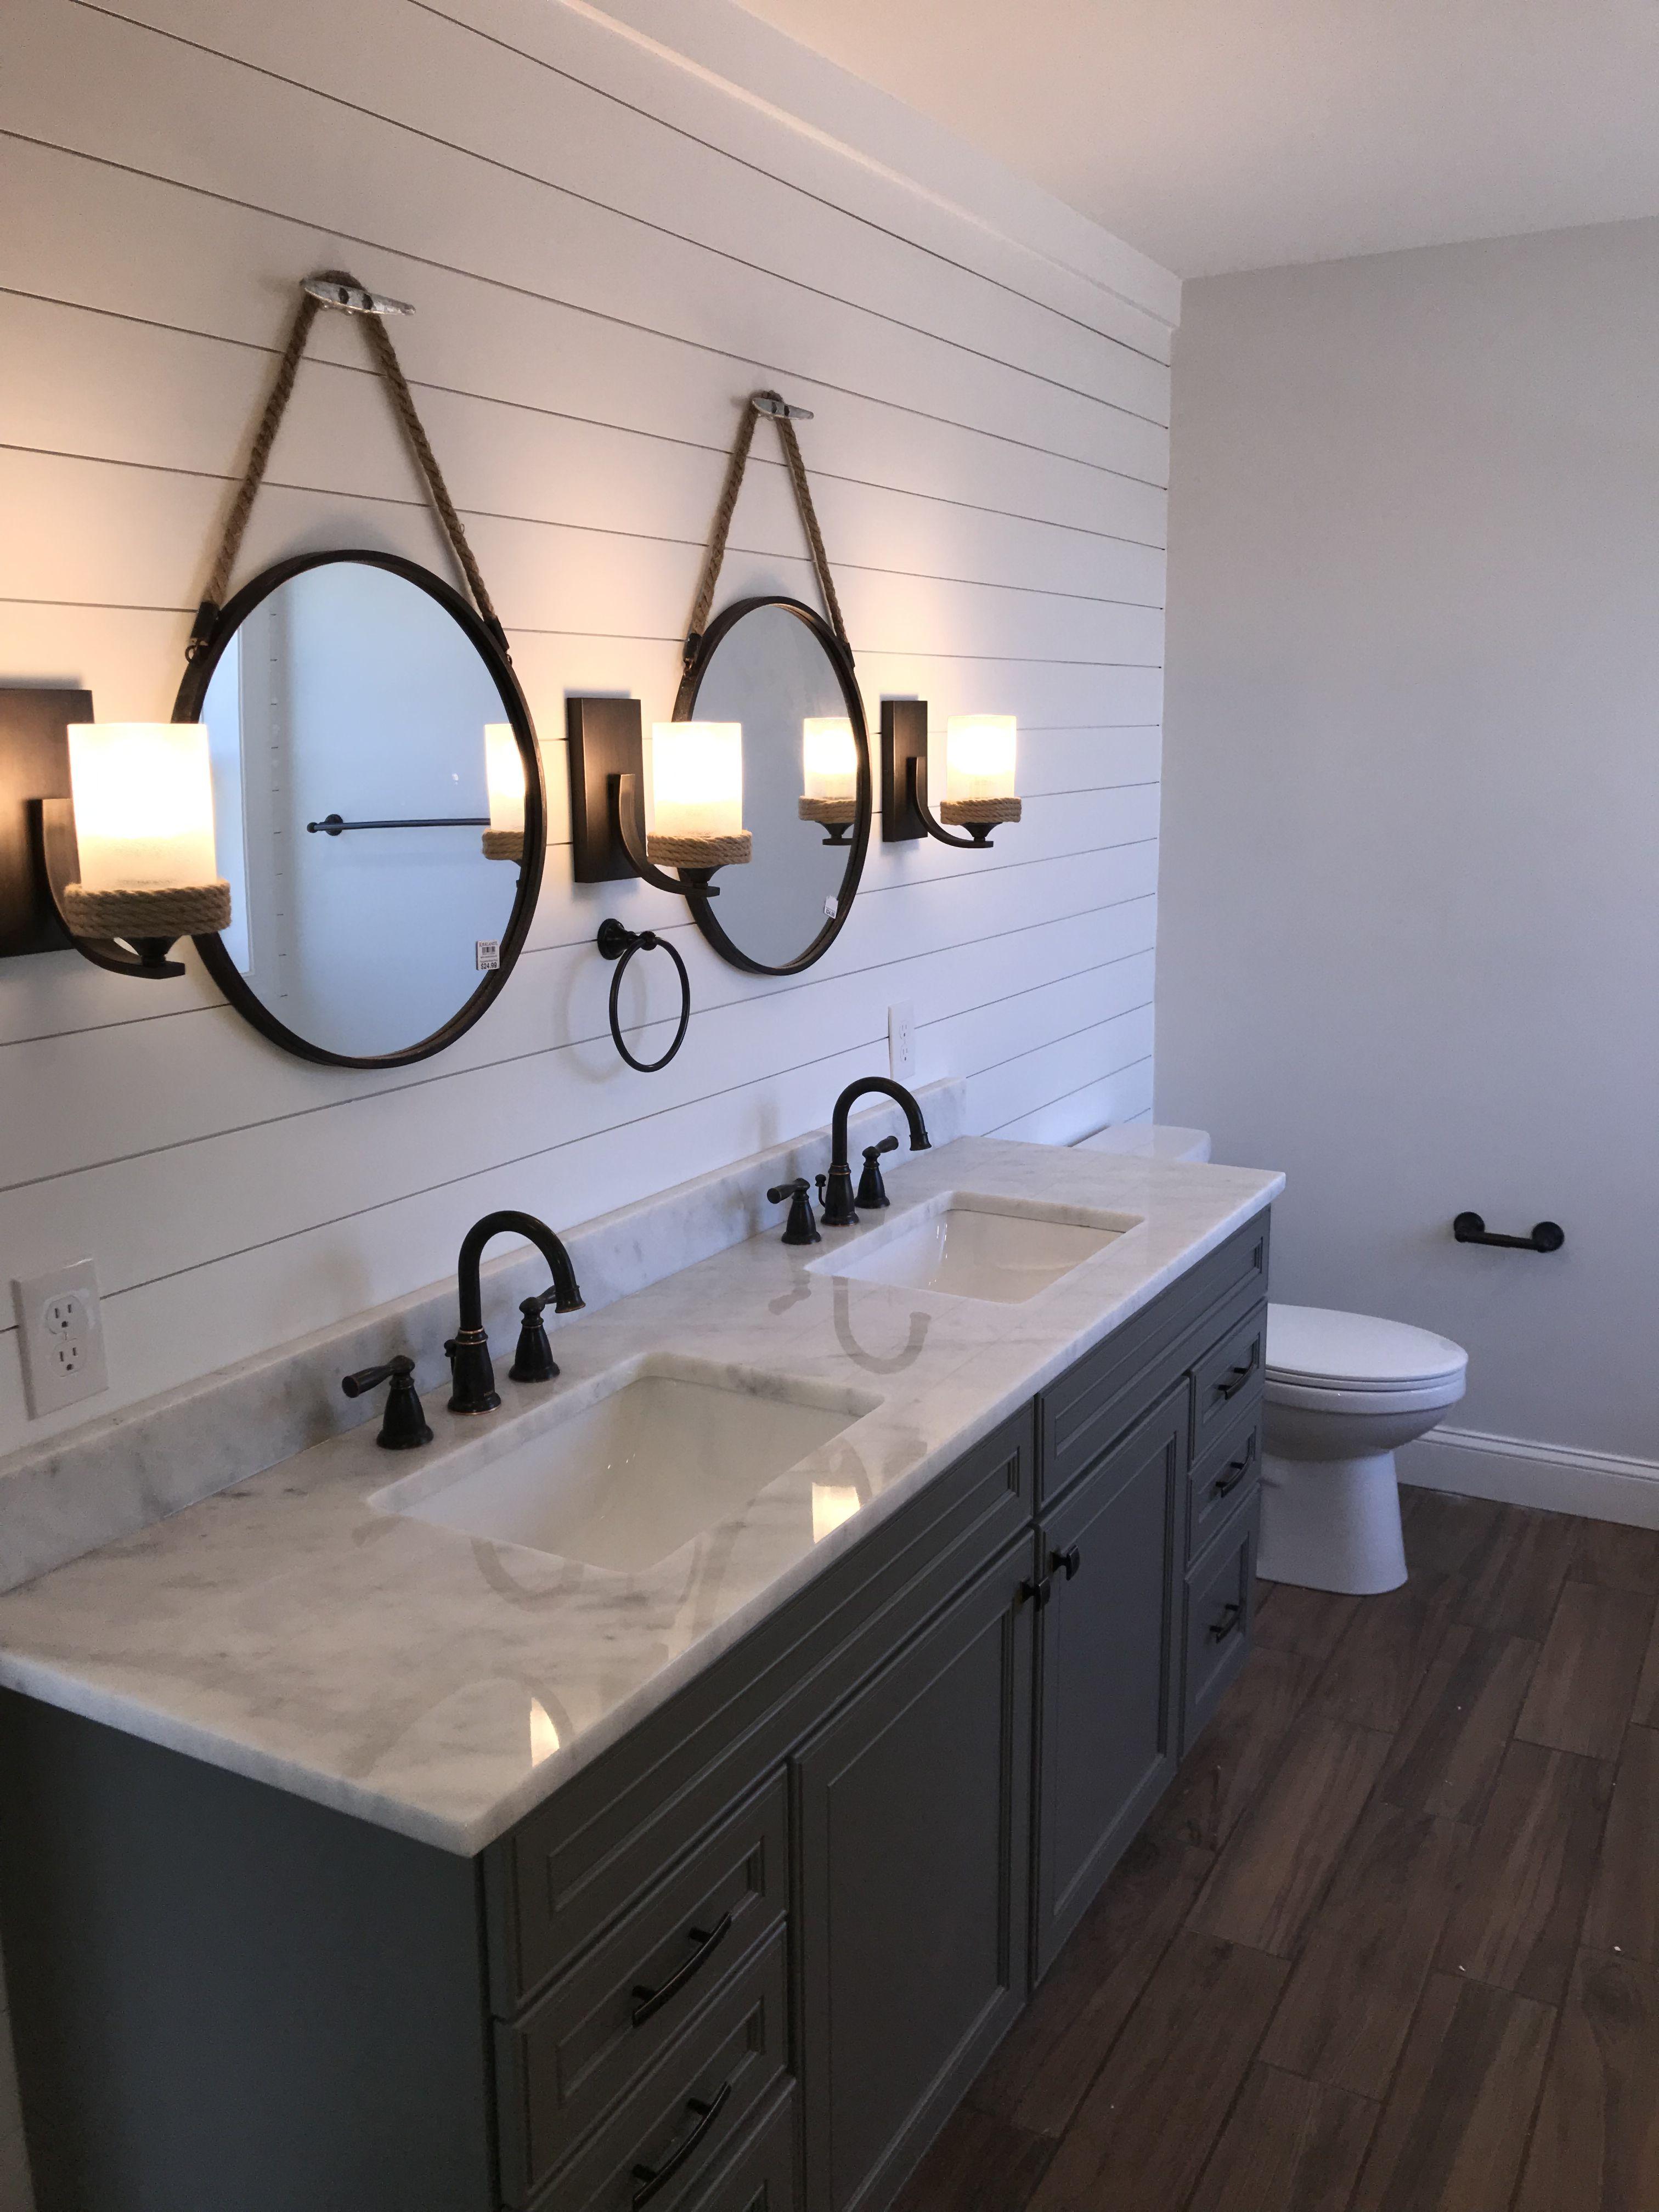 Wood Tile Floor Gray Vanity White Ship Lap In 2020 Grey Bathroom Vanity Wood Bathroom Vanity Wood Tile Bathroom